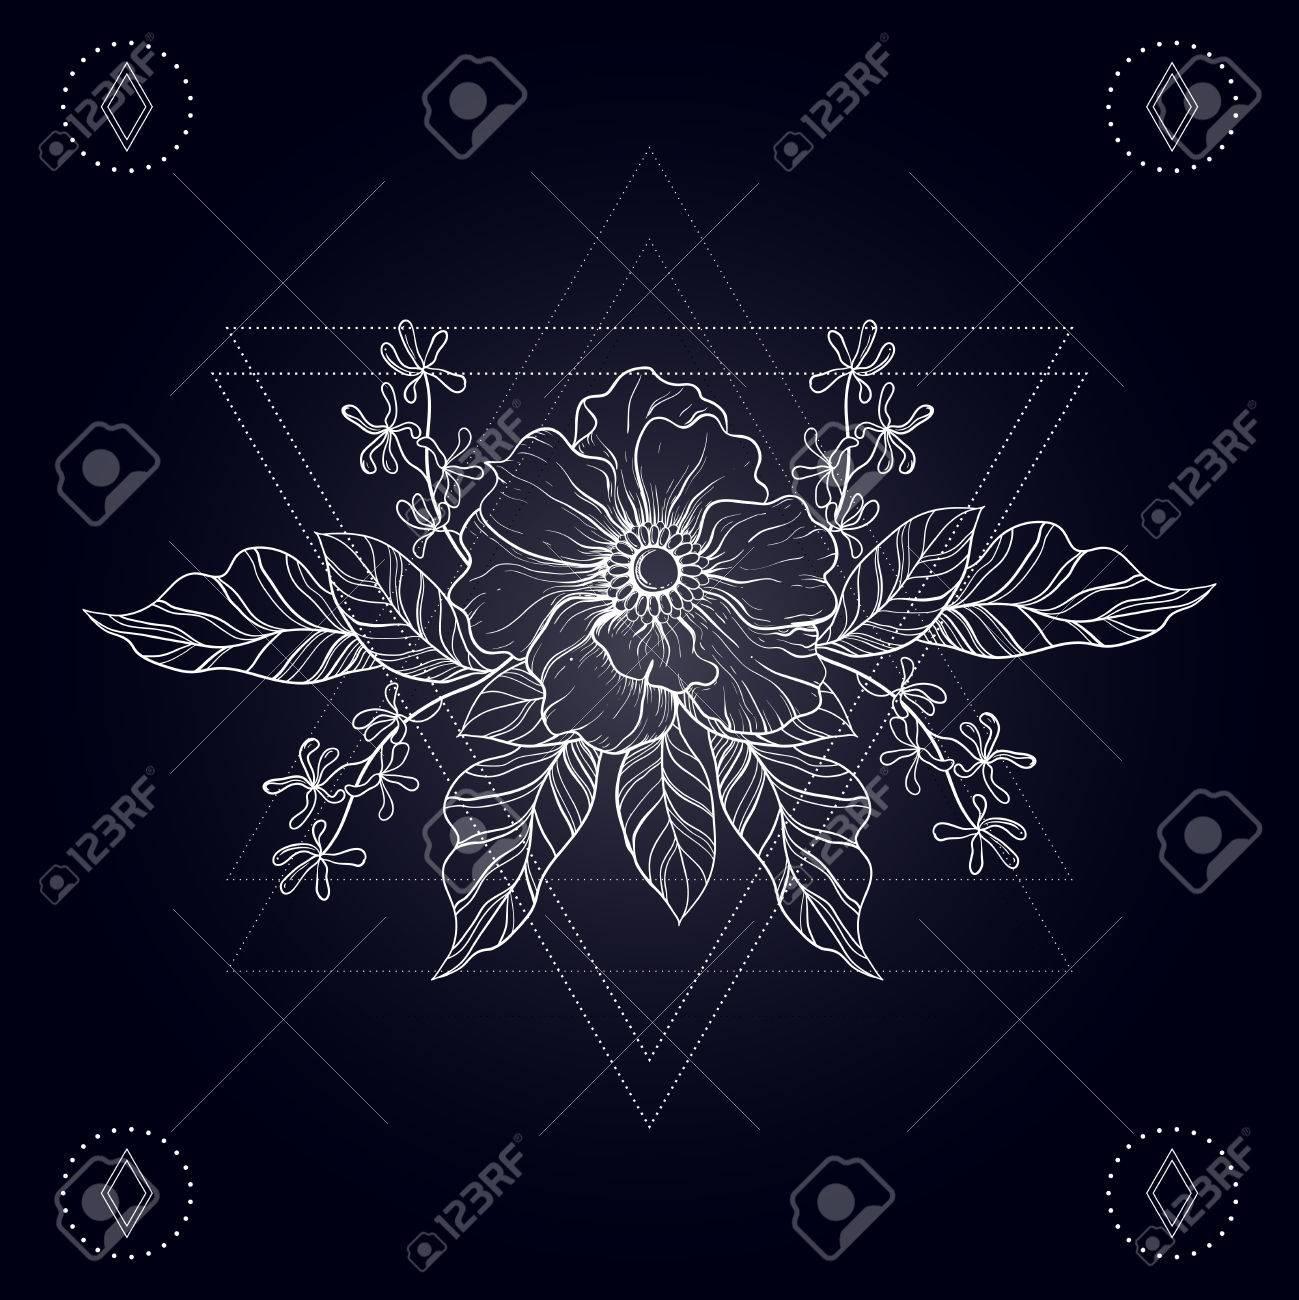 Dibujado A Mano Tatuaje Boho. Bosquejo De La Flor En El Marco De Los ...